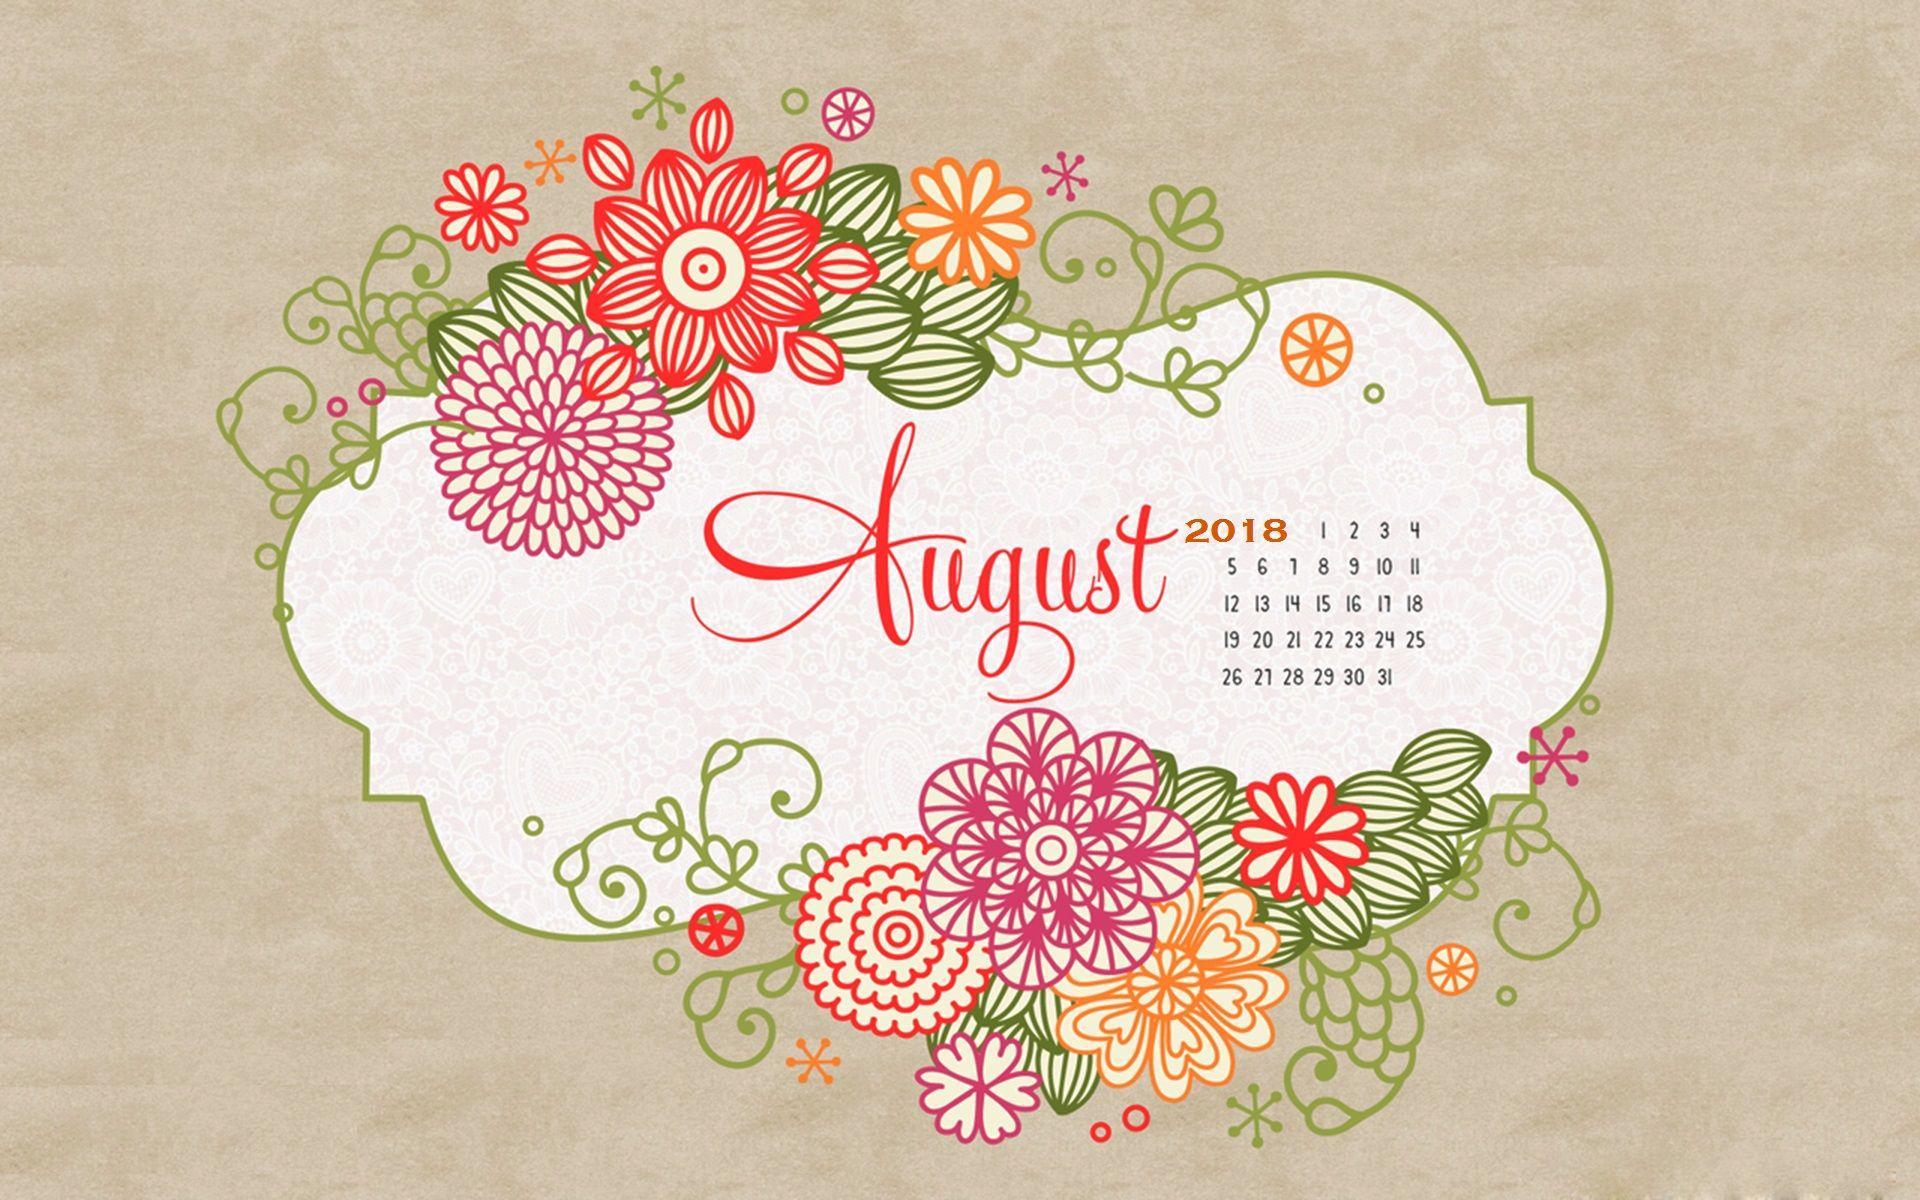 August 2018 Calendar Wallpapers Wallpaper Cave